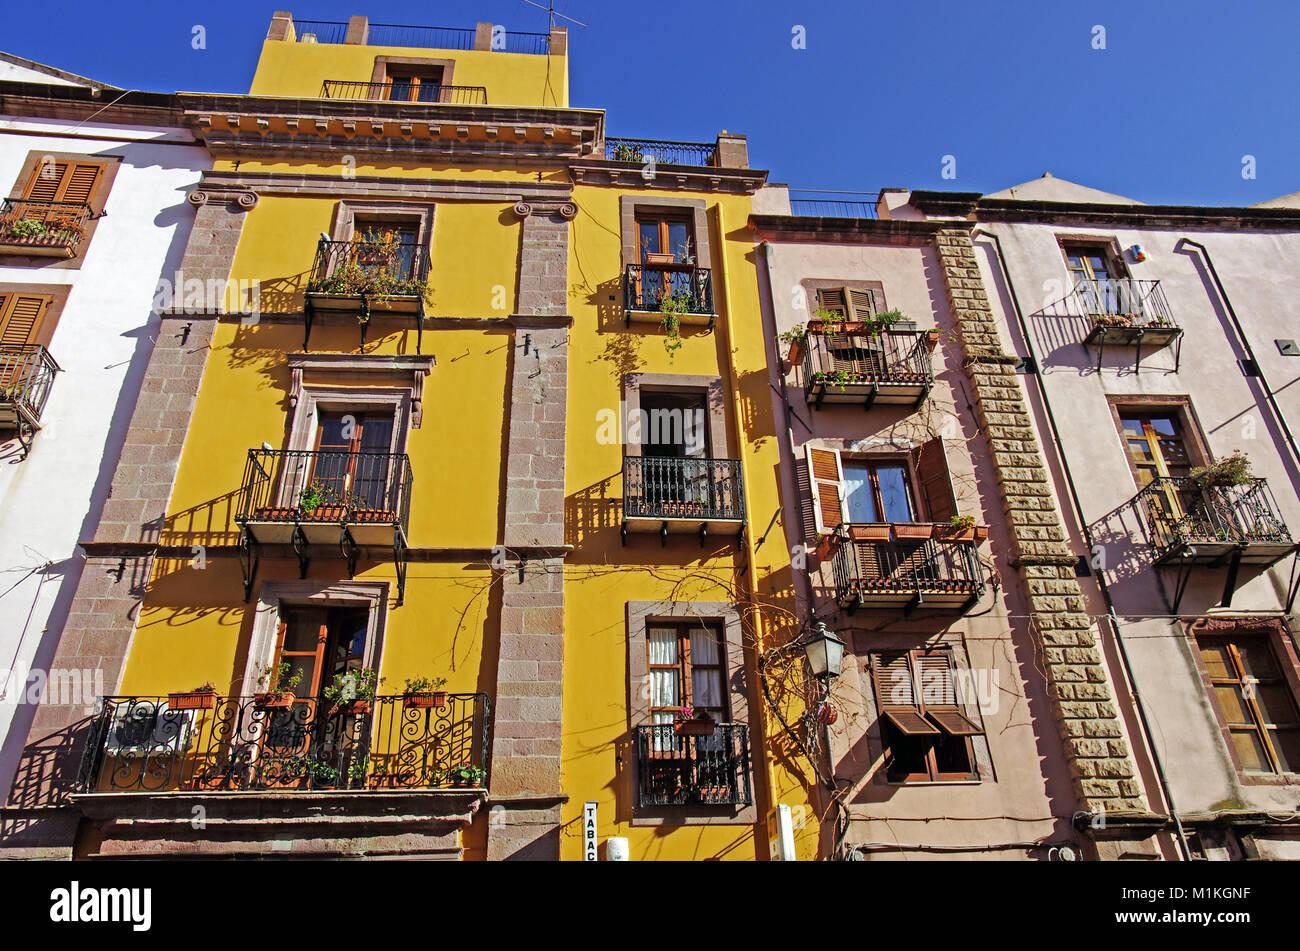 Bosa, Cerdeña. El antiguo centro de la ciudad Foto de stock